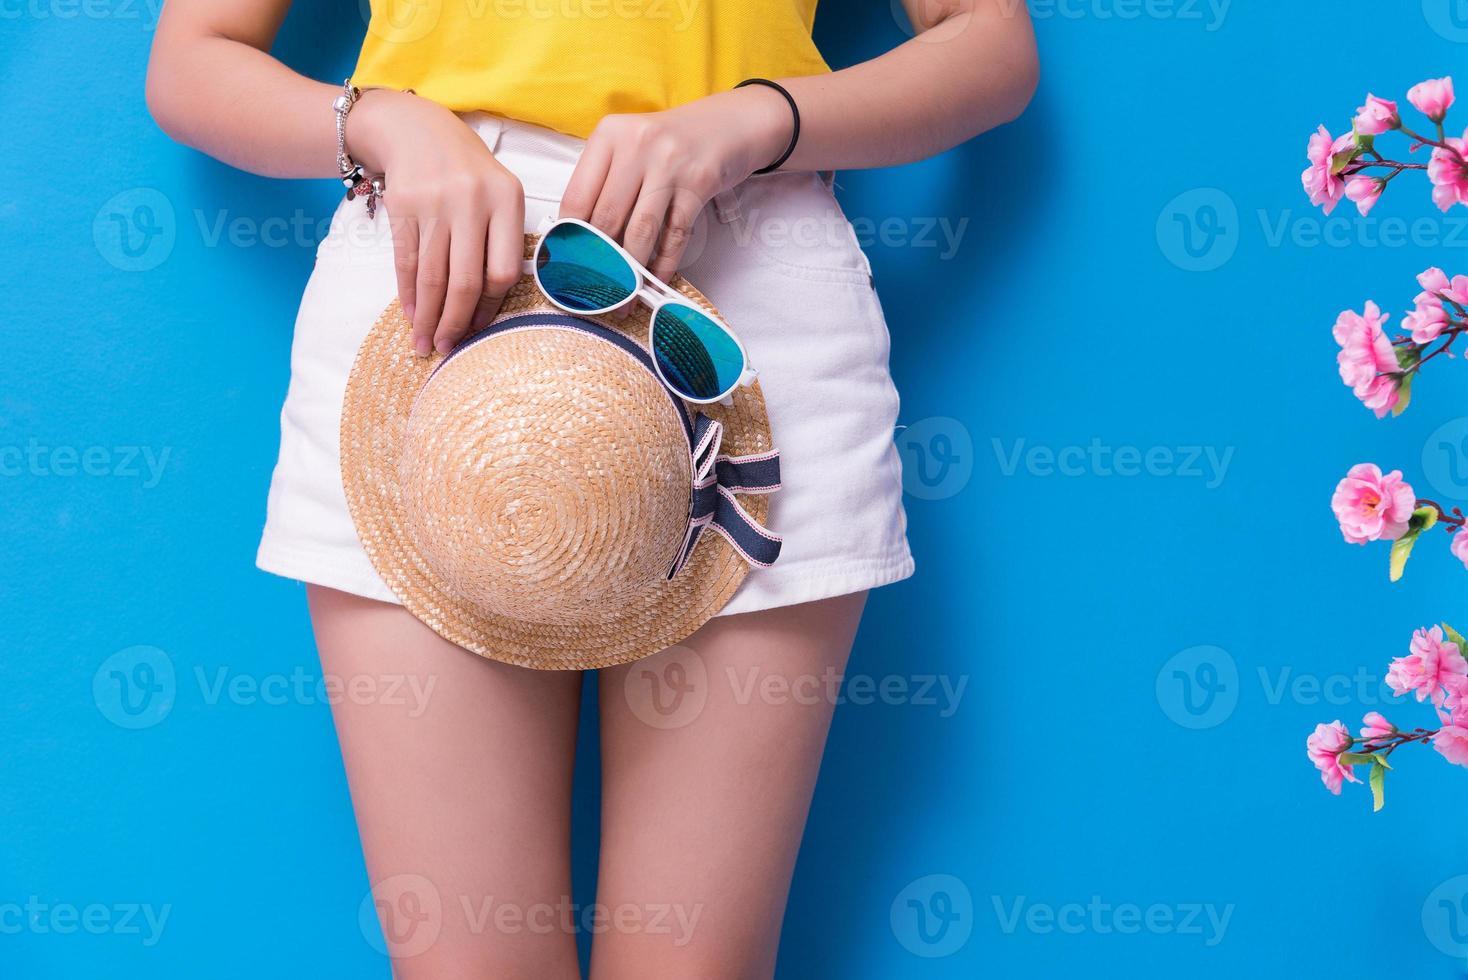 close-up van schoonheid vrouw poseren met zonnebril en stro hoed voor blauwe muur achtergrond. zomer en vintage concept. geluk levensstijl en mensen portret thema. leuke pasteltint. onderlichaam foto